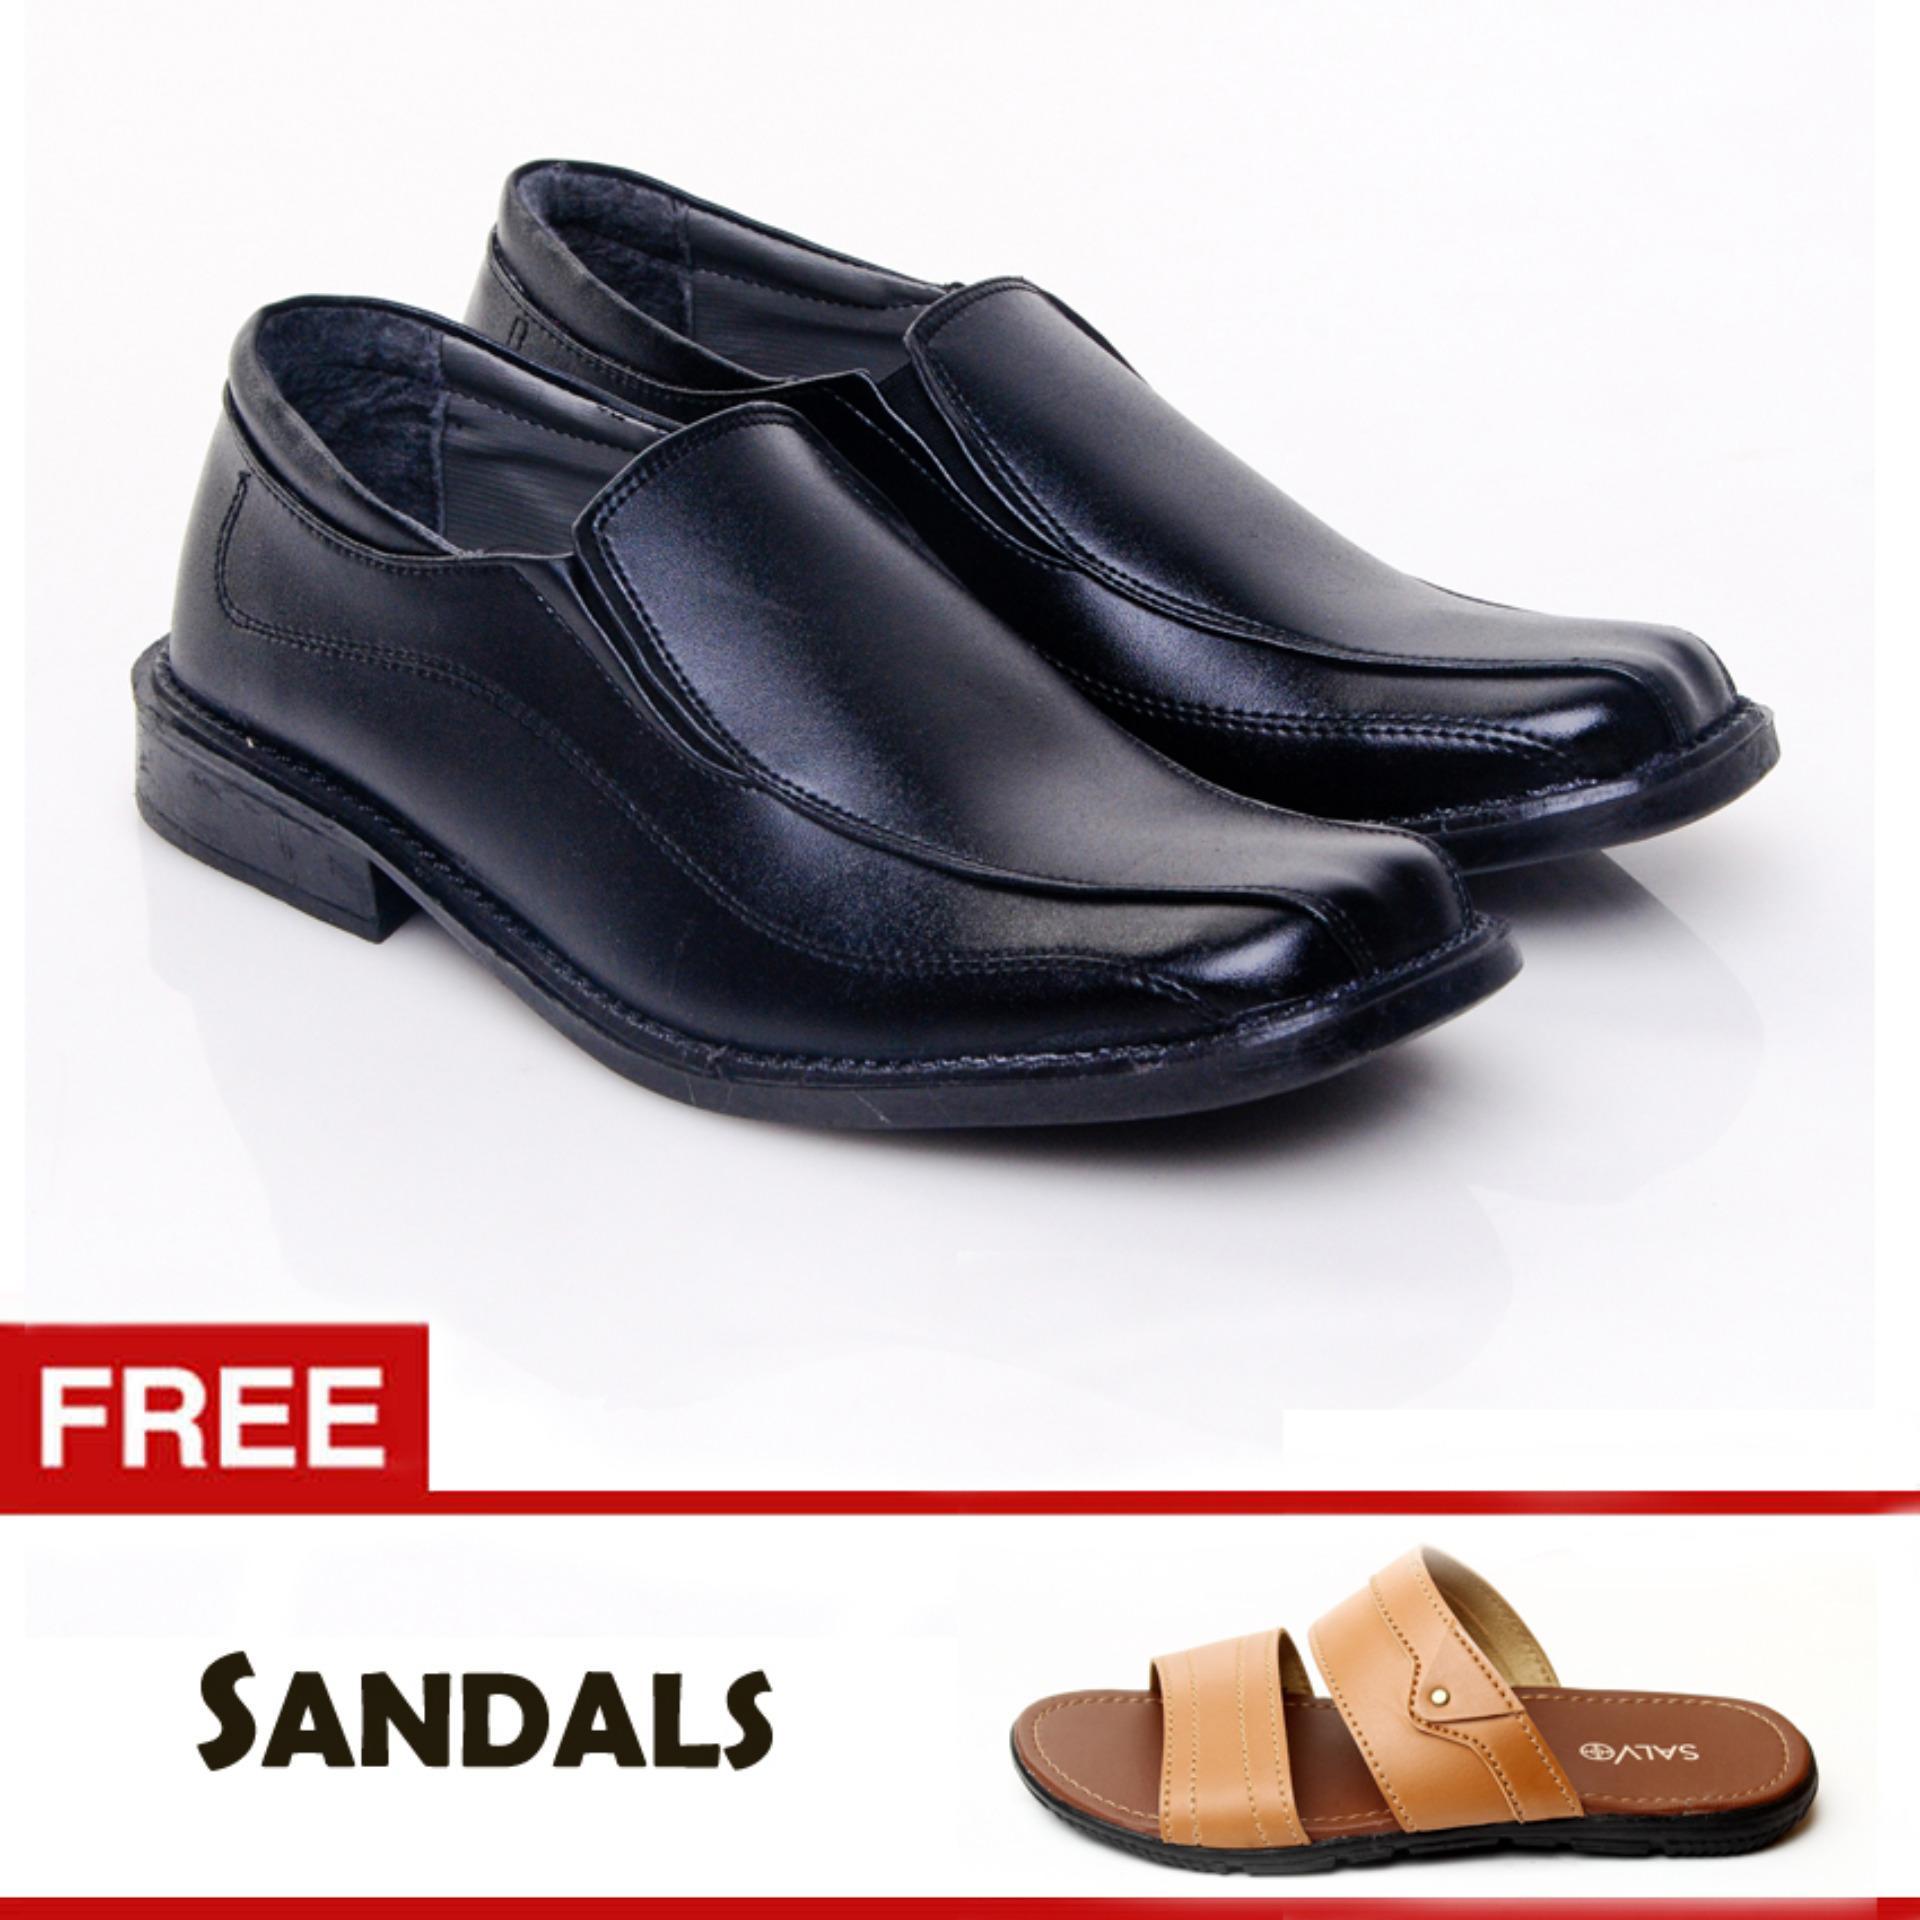 Jual Salvo Sepatu Formal Kf817 Free Sandal L01 Tan Murah